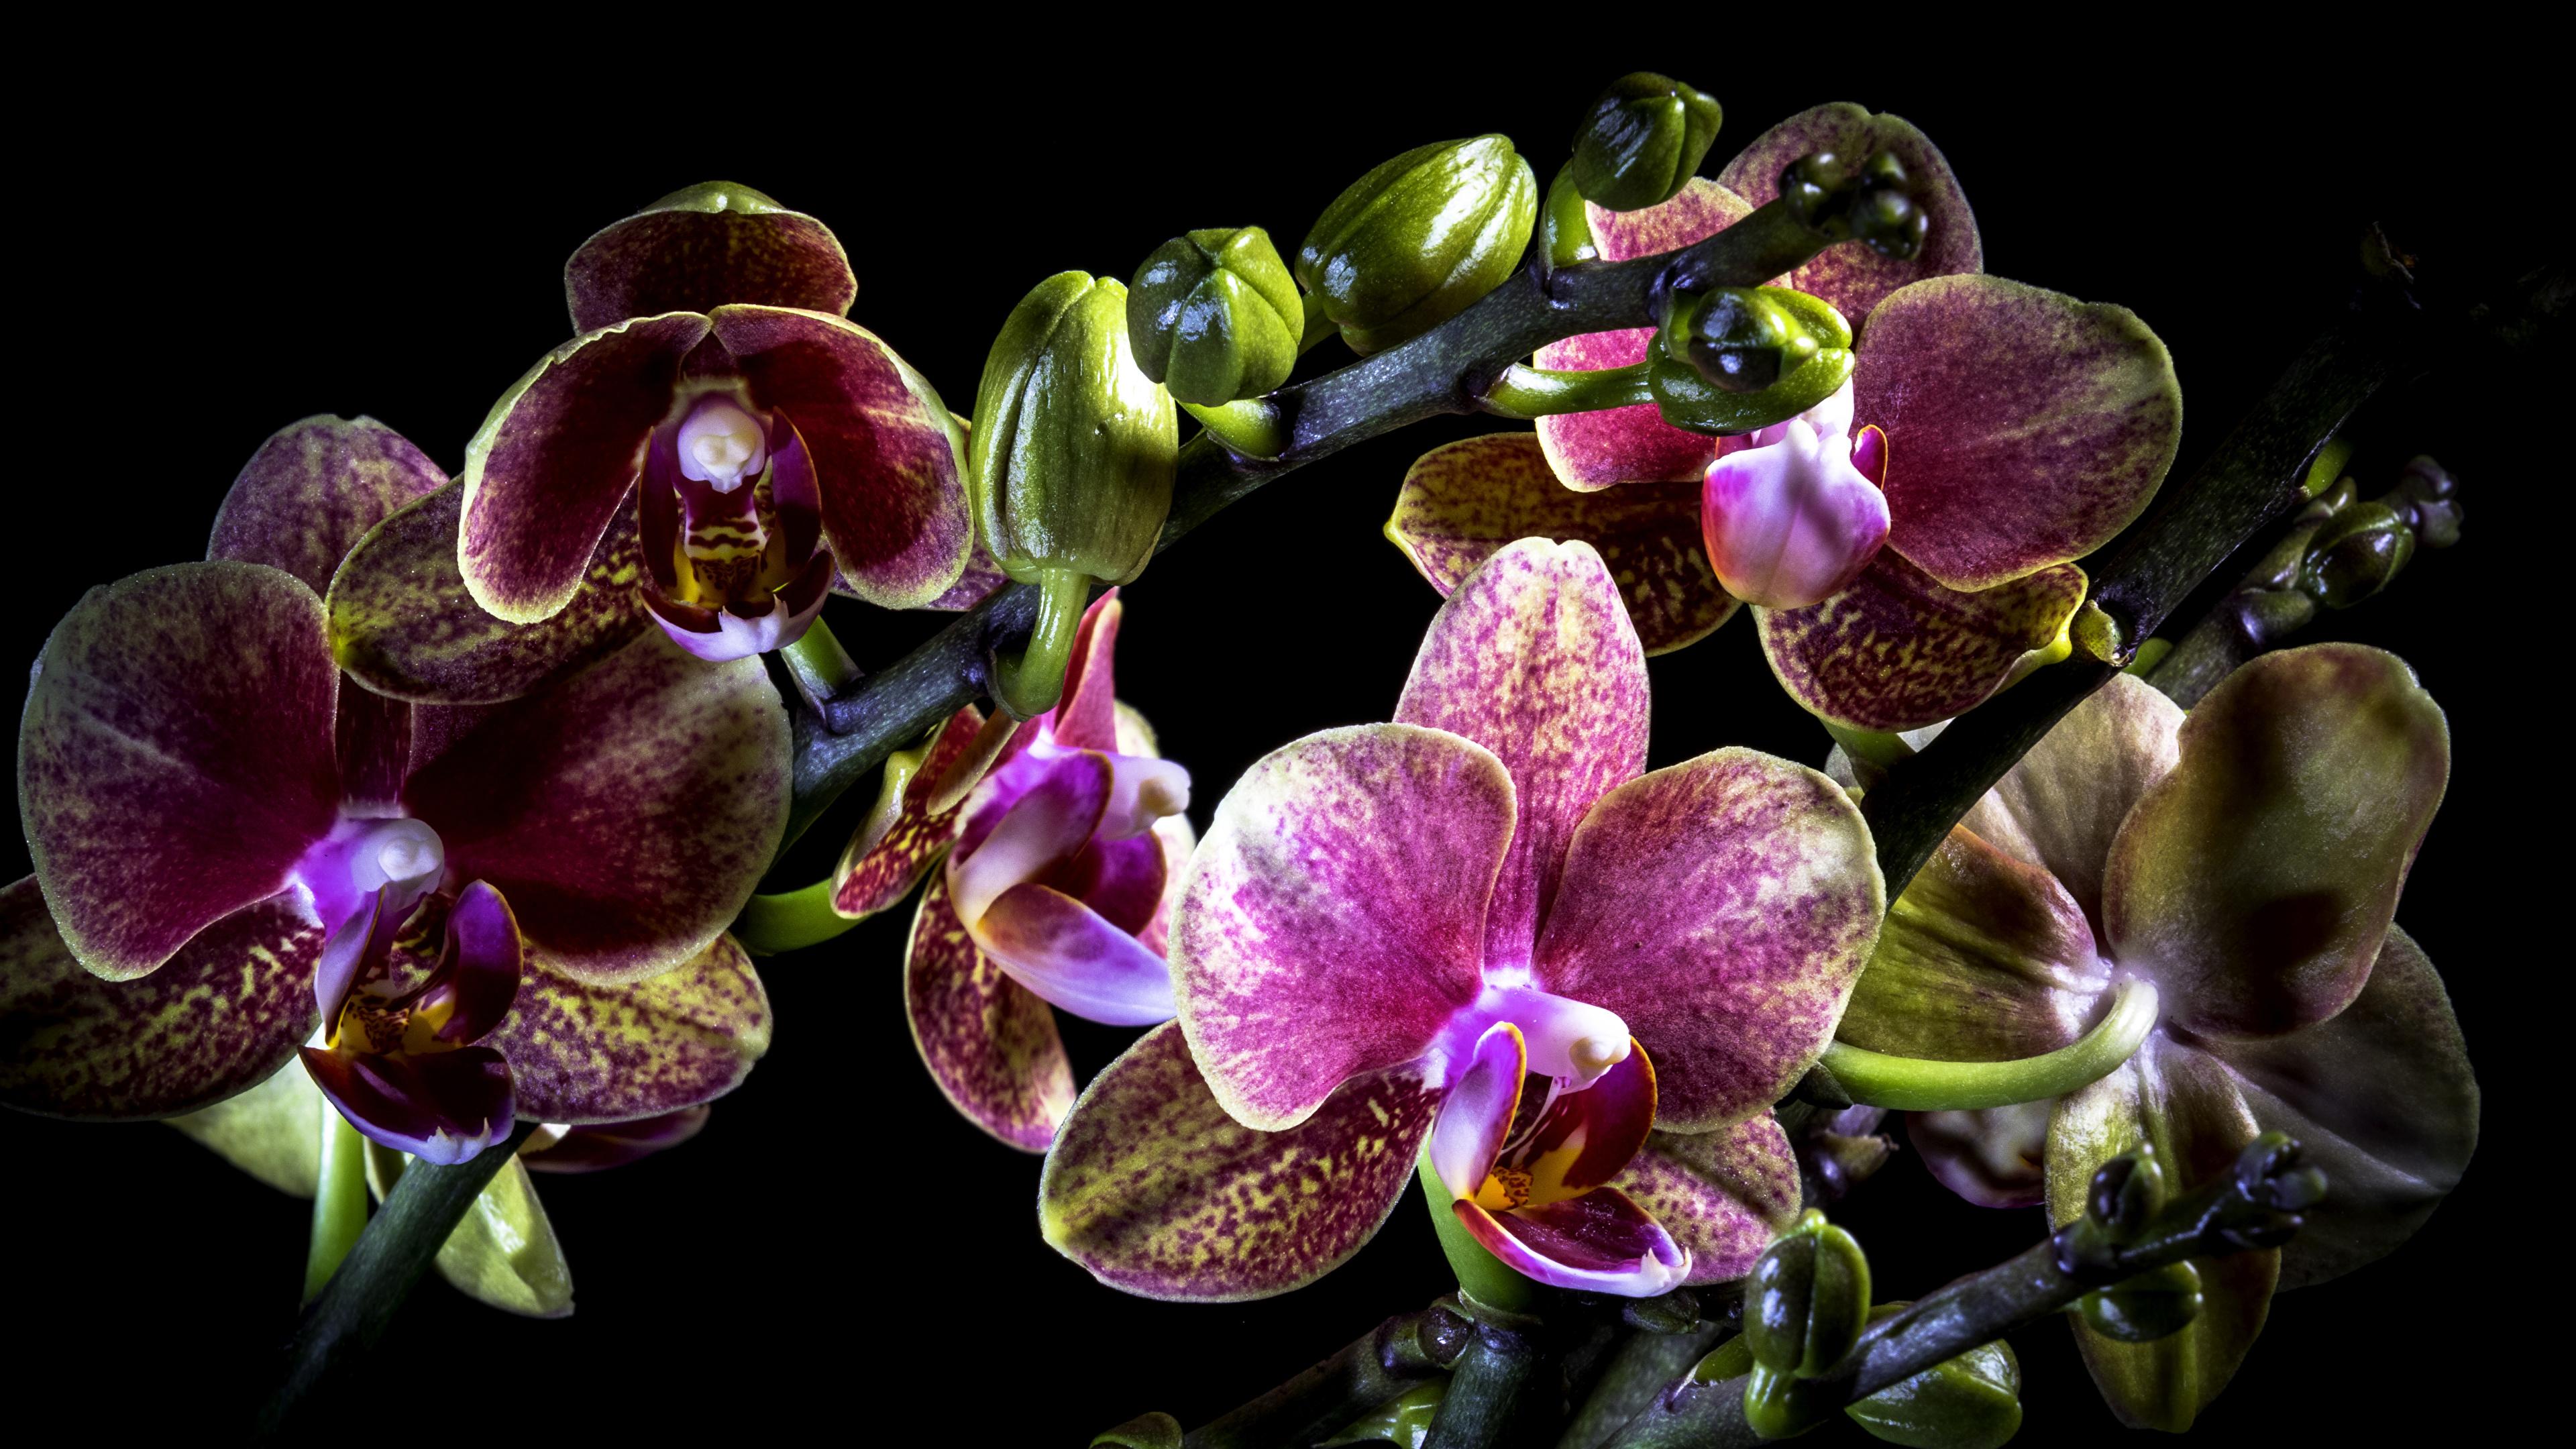 Fonds D Ecran 3840x2160 Orchidees En Gros Plan Fond Noir